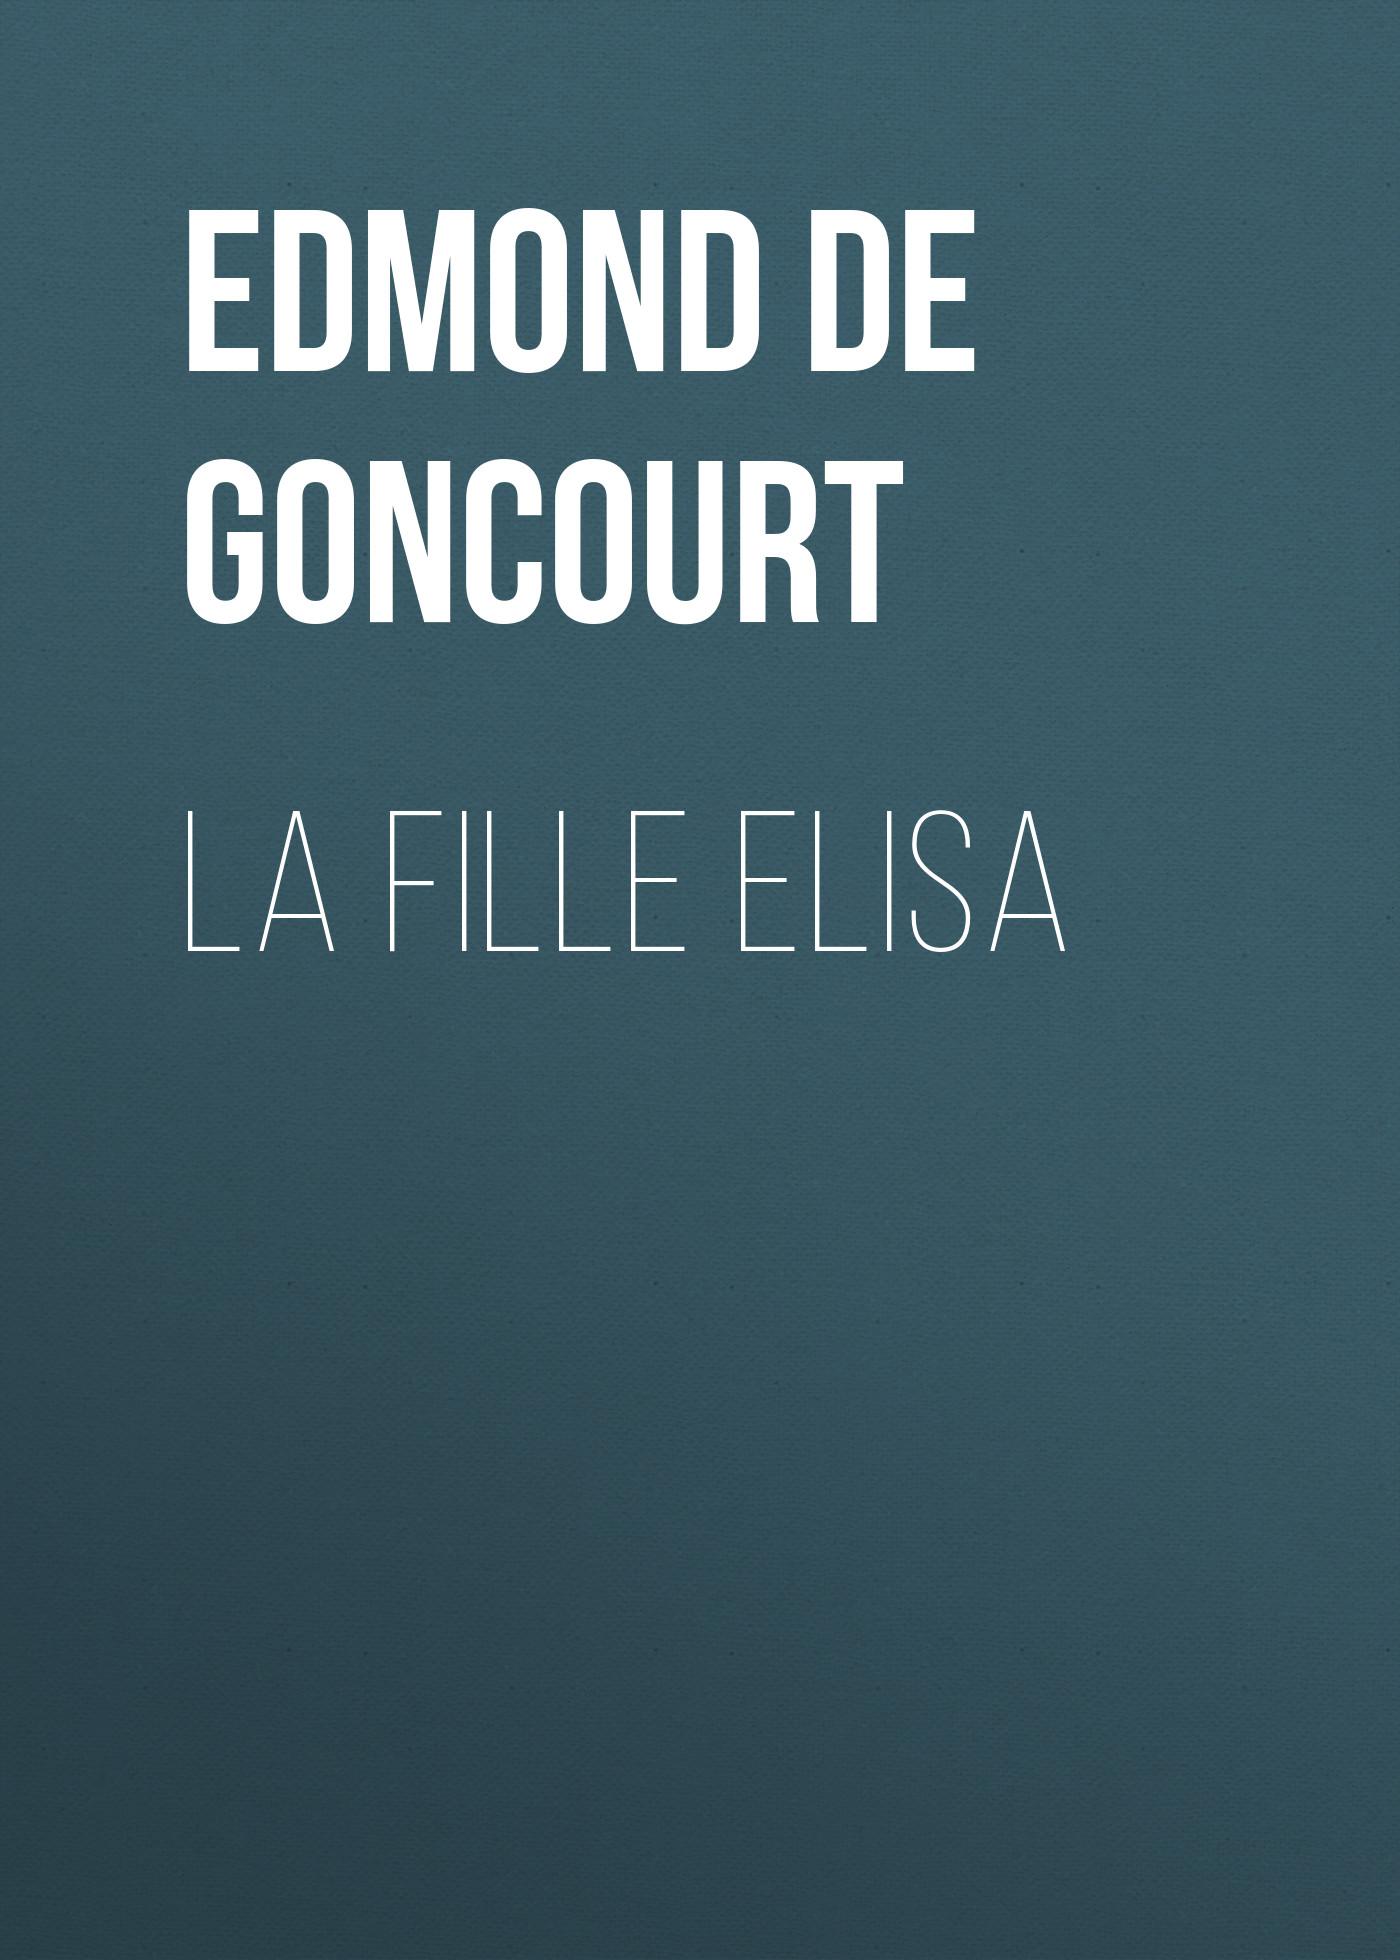 лучшая цена Edmond de Goncourt La fille Elisa